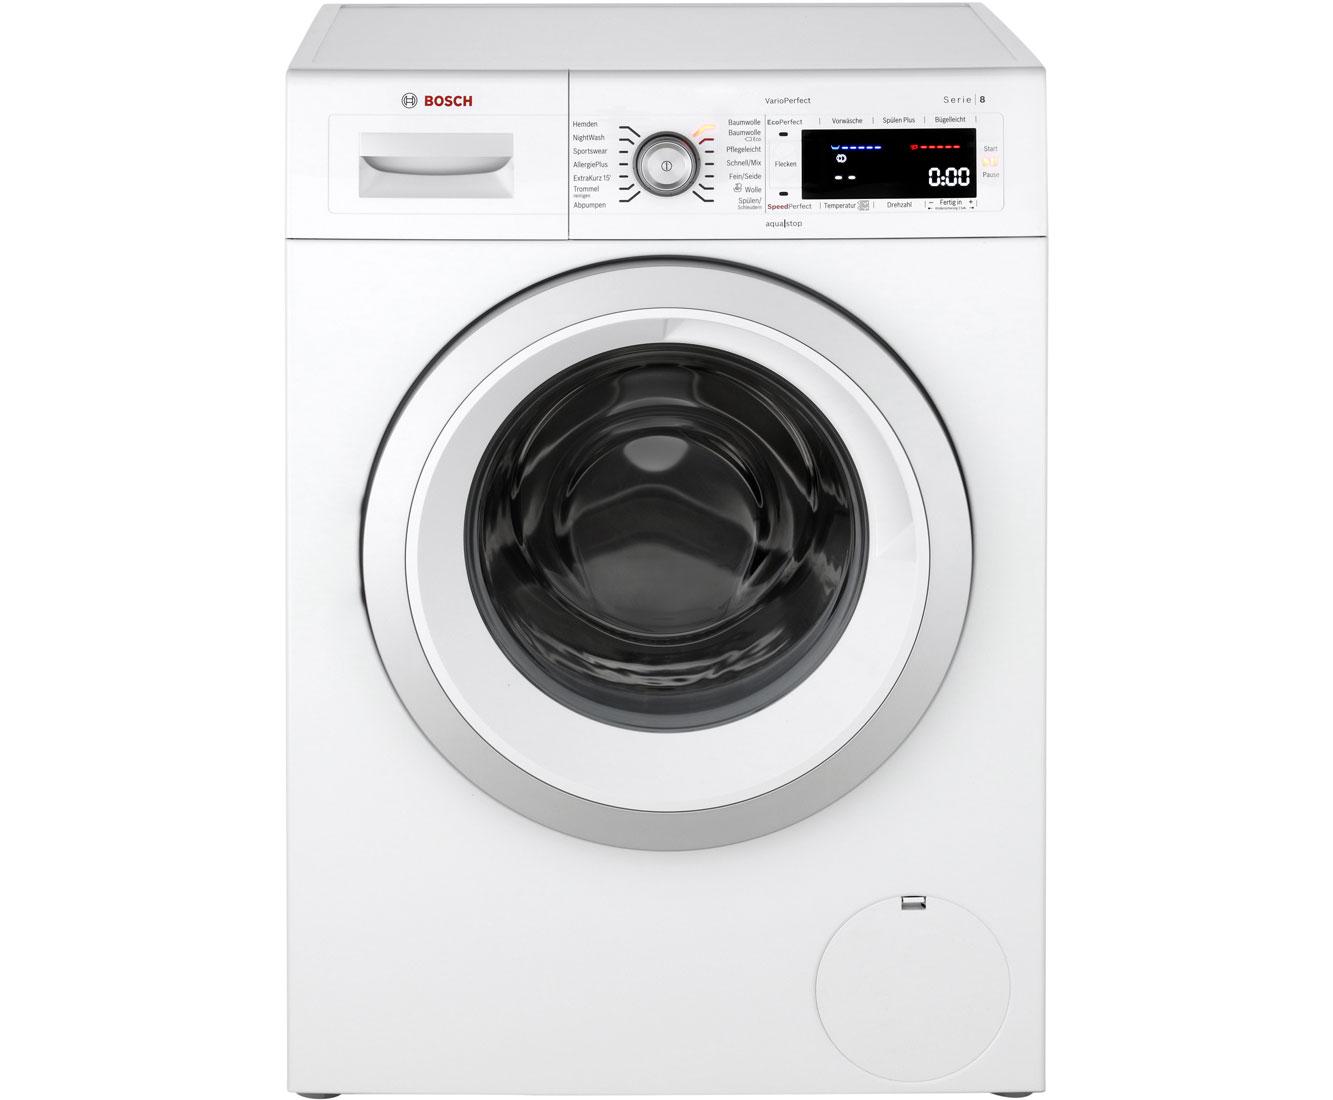 Serie 8 WAW28570 Waschmaschinen - Weiss